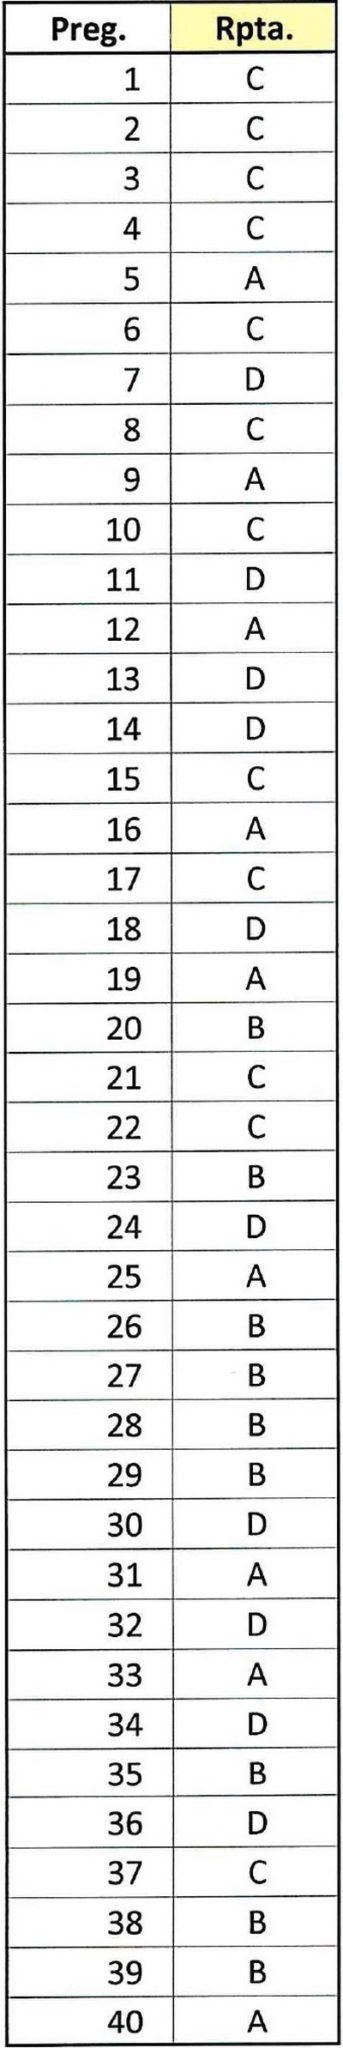 respuestas examen Correos B convocatoria 2018 parte atencion al cliente